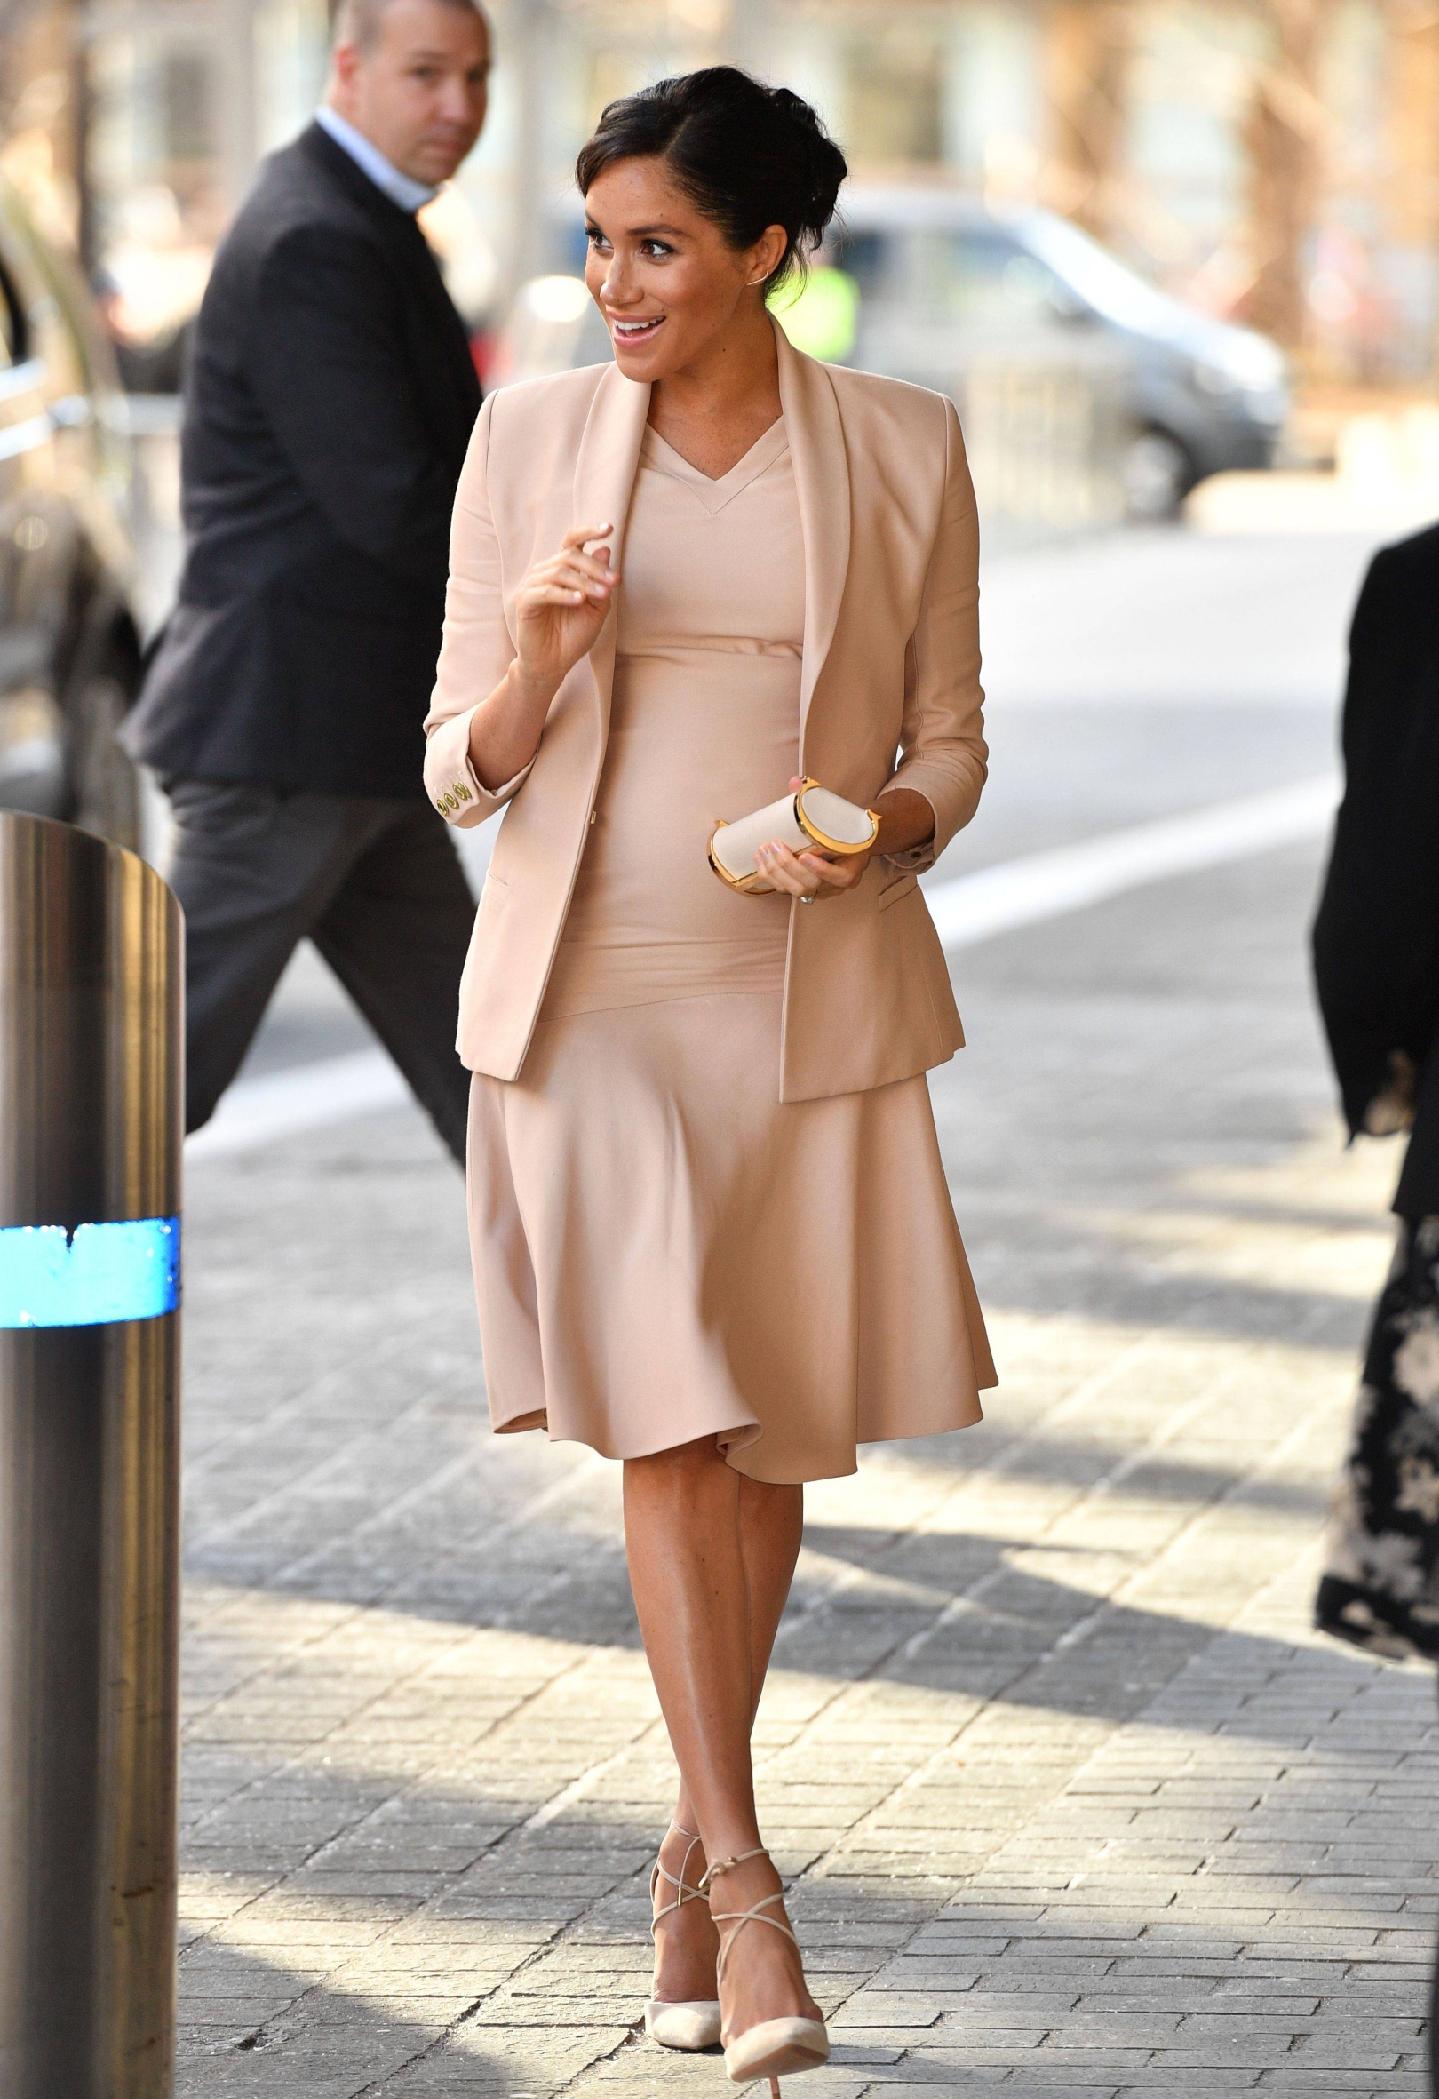 原創             梅根王妃終於換對氣質髮型,首選v領傘裙甜美高級,踩綁帶鞋更美 形象穿搭 第9張